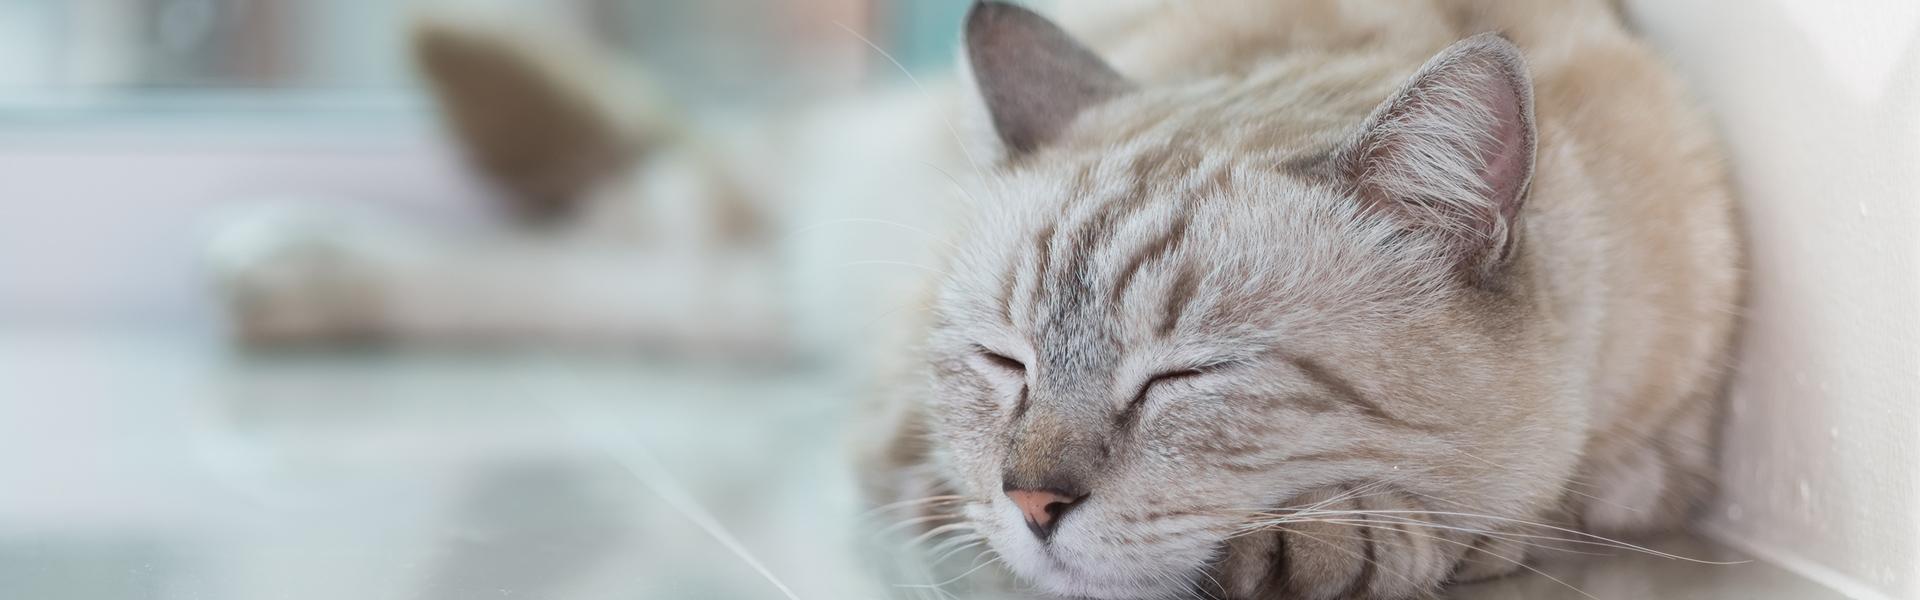 Mój wpis na stronie głównej gazeta.pl oraz portal dla każdego miłośnika zwierząt!